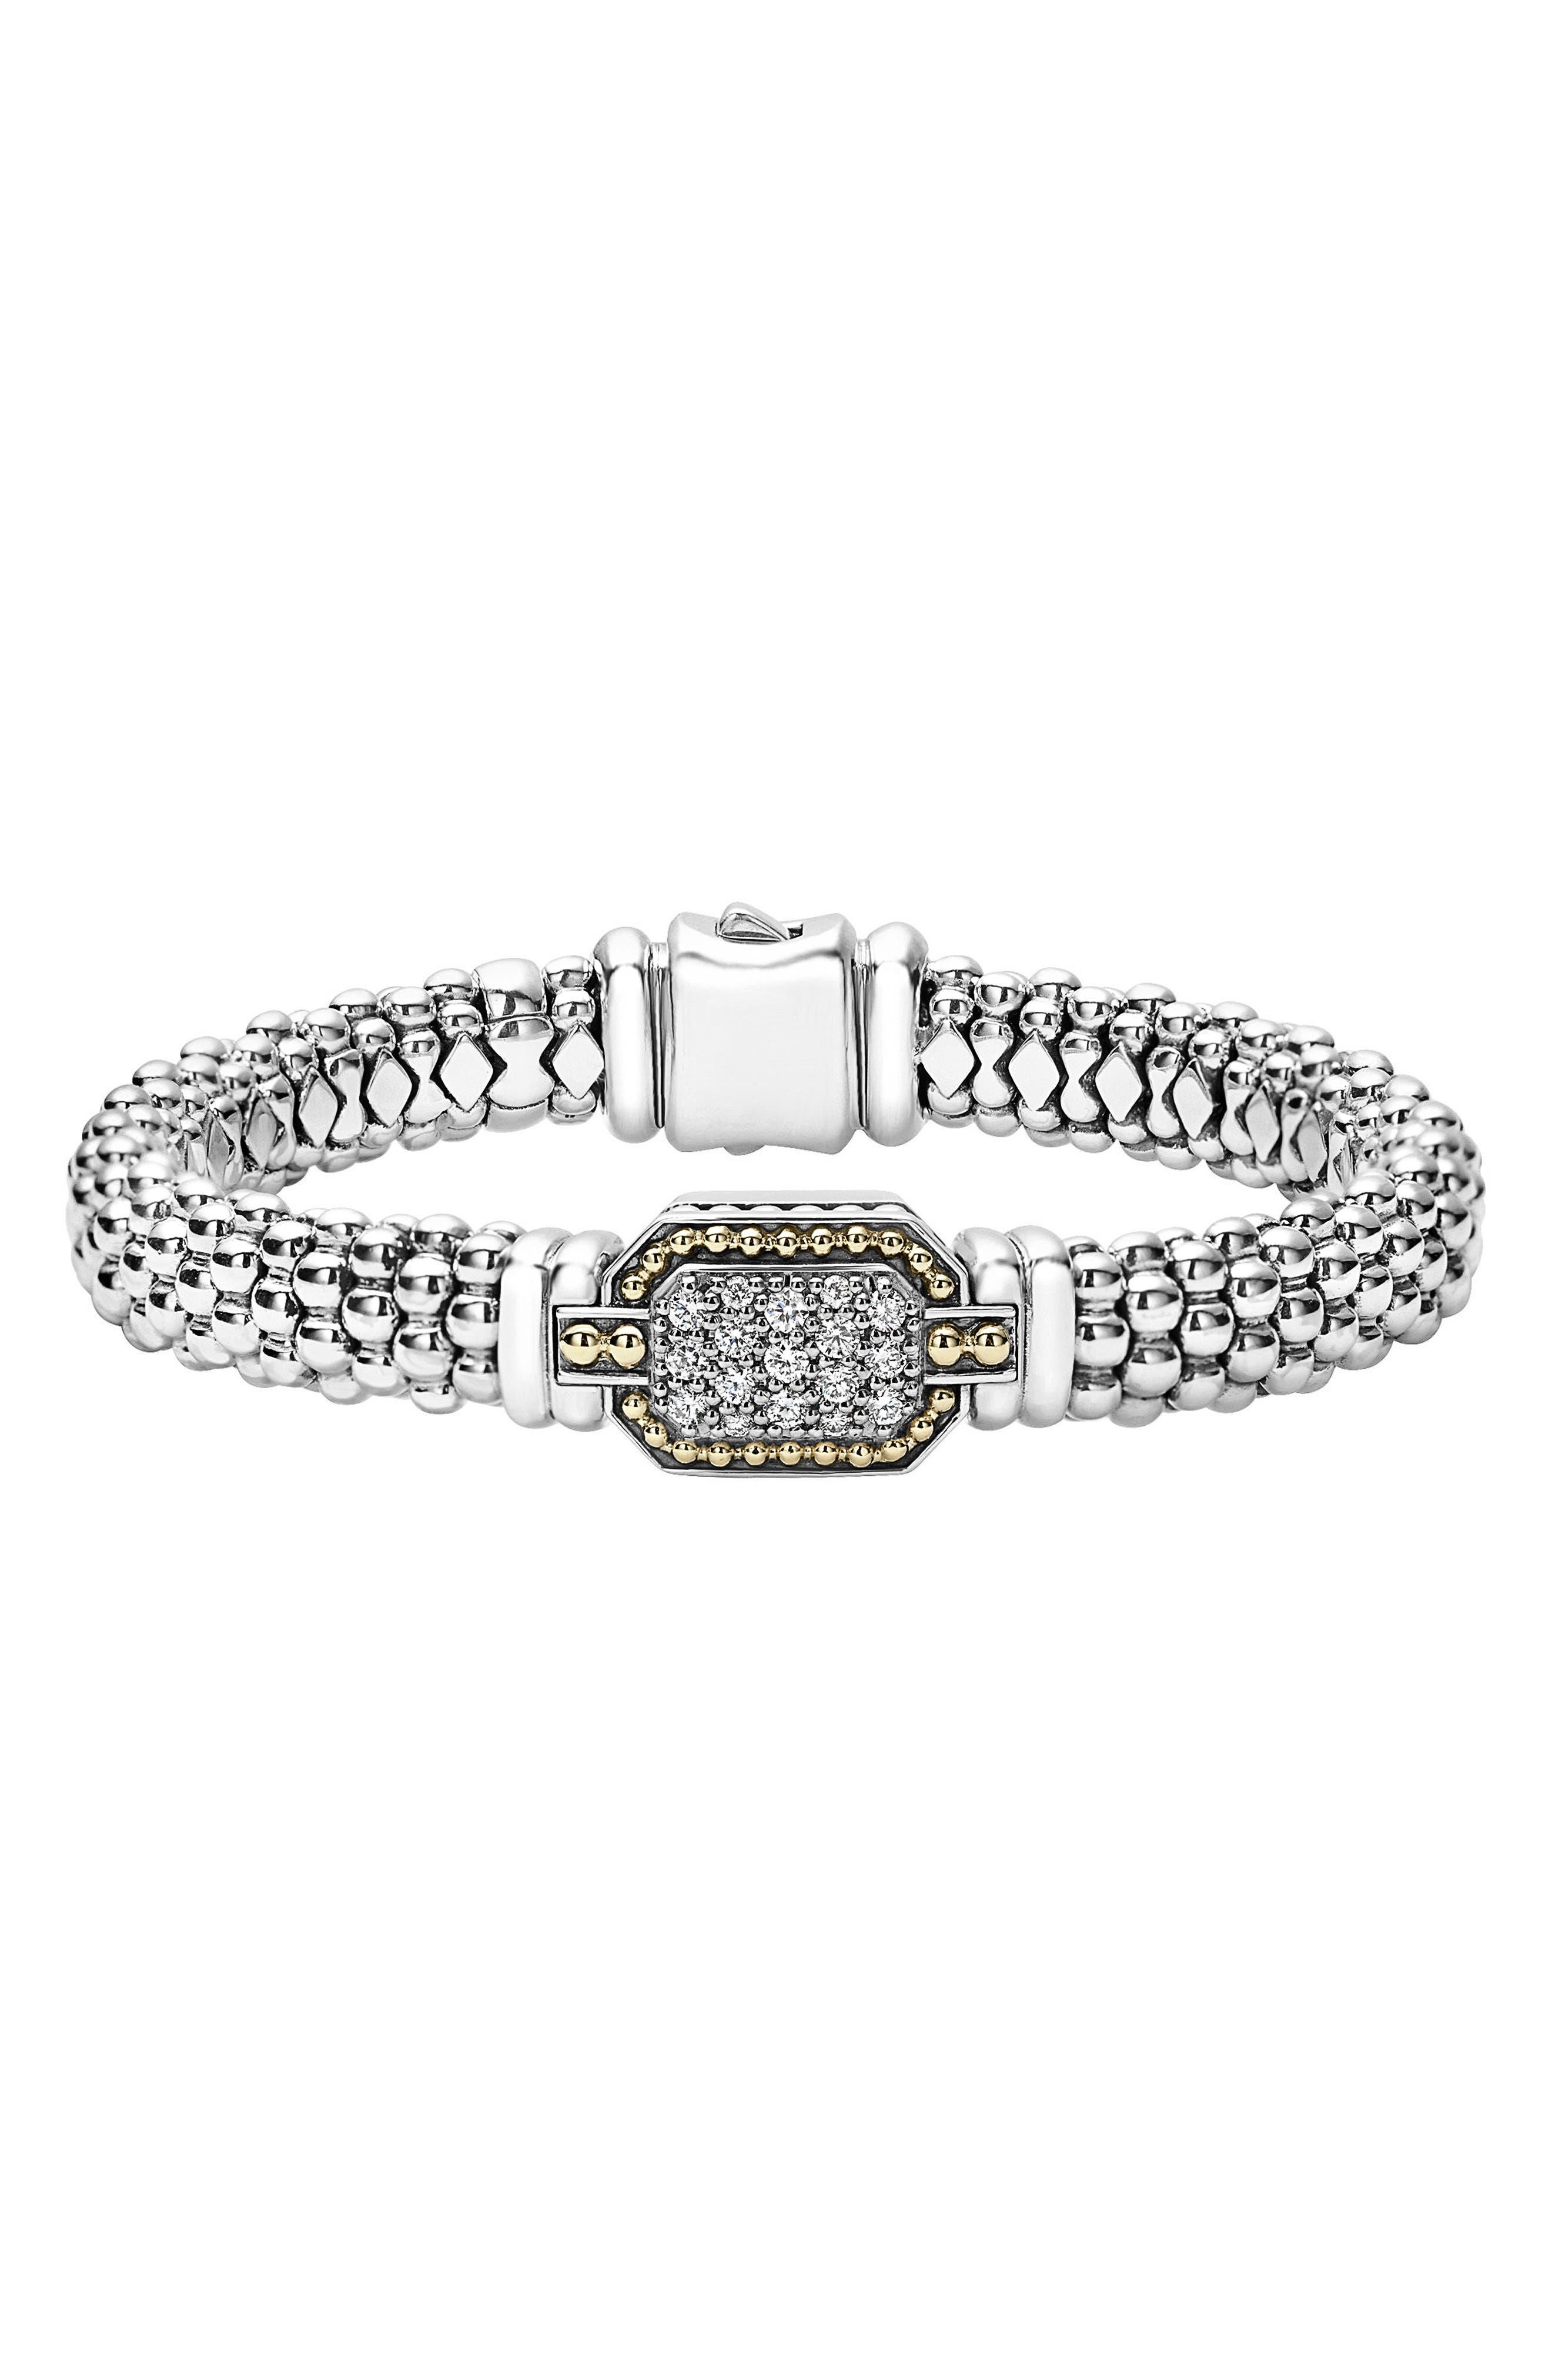 Diamonds & Caviar Large Diamond Bracelet,                         Main,                         color, Silver